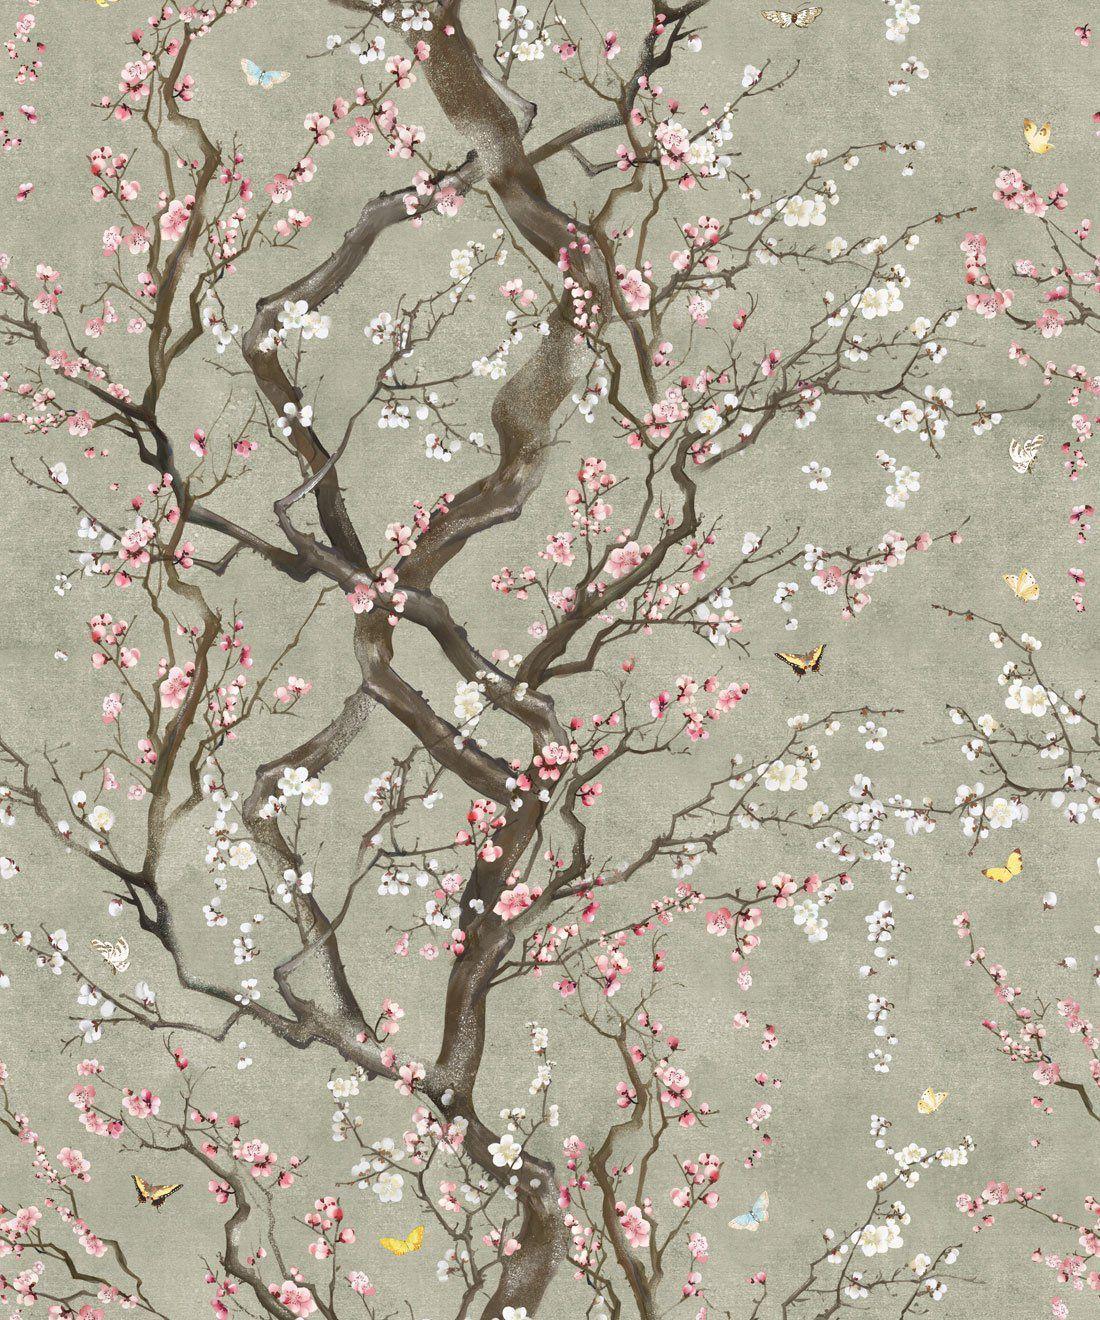 Hình nền 1100x1320 Bướm có hoa • Hình nền thiết kế • Milton & King